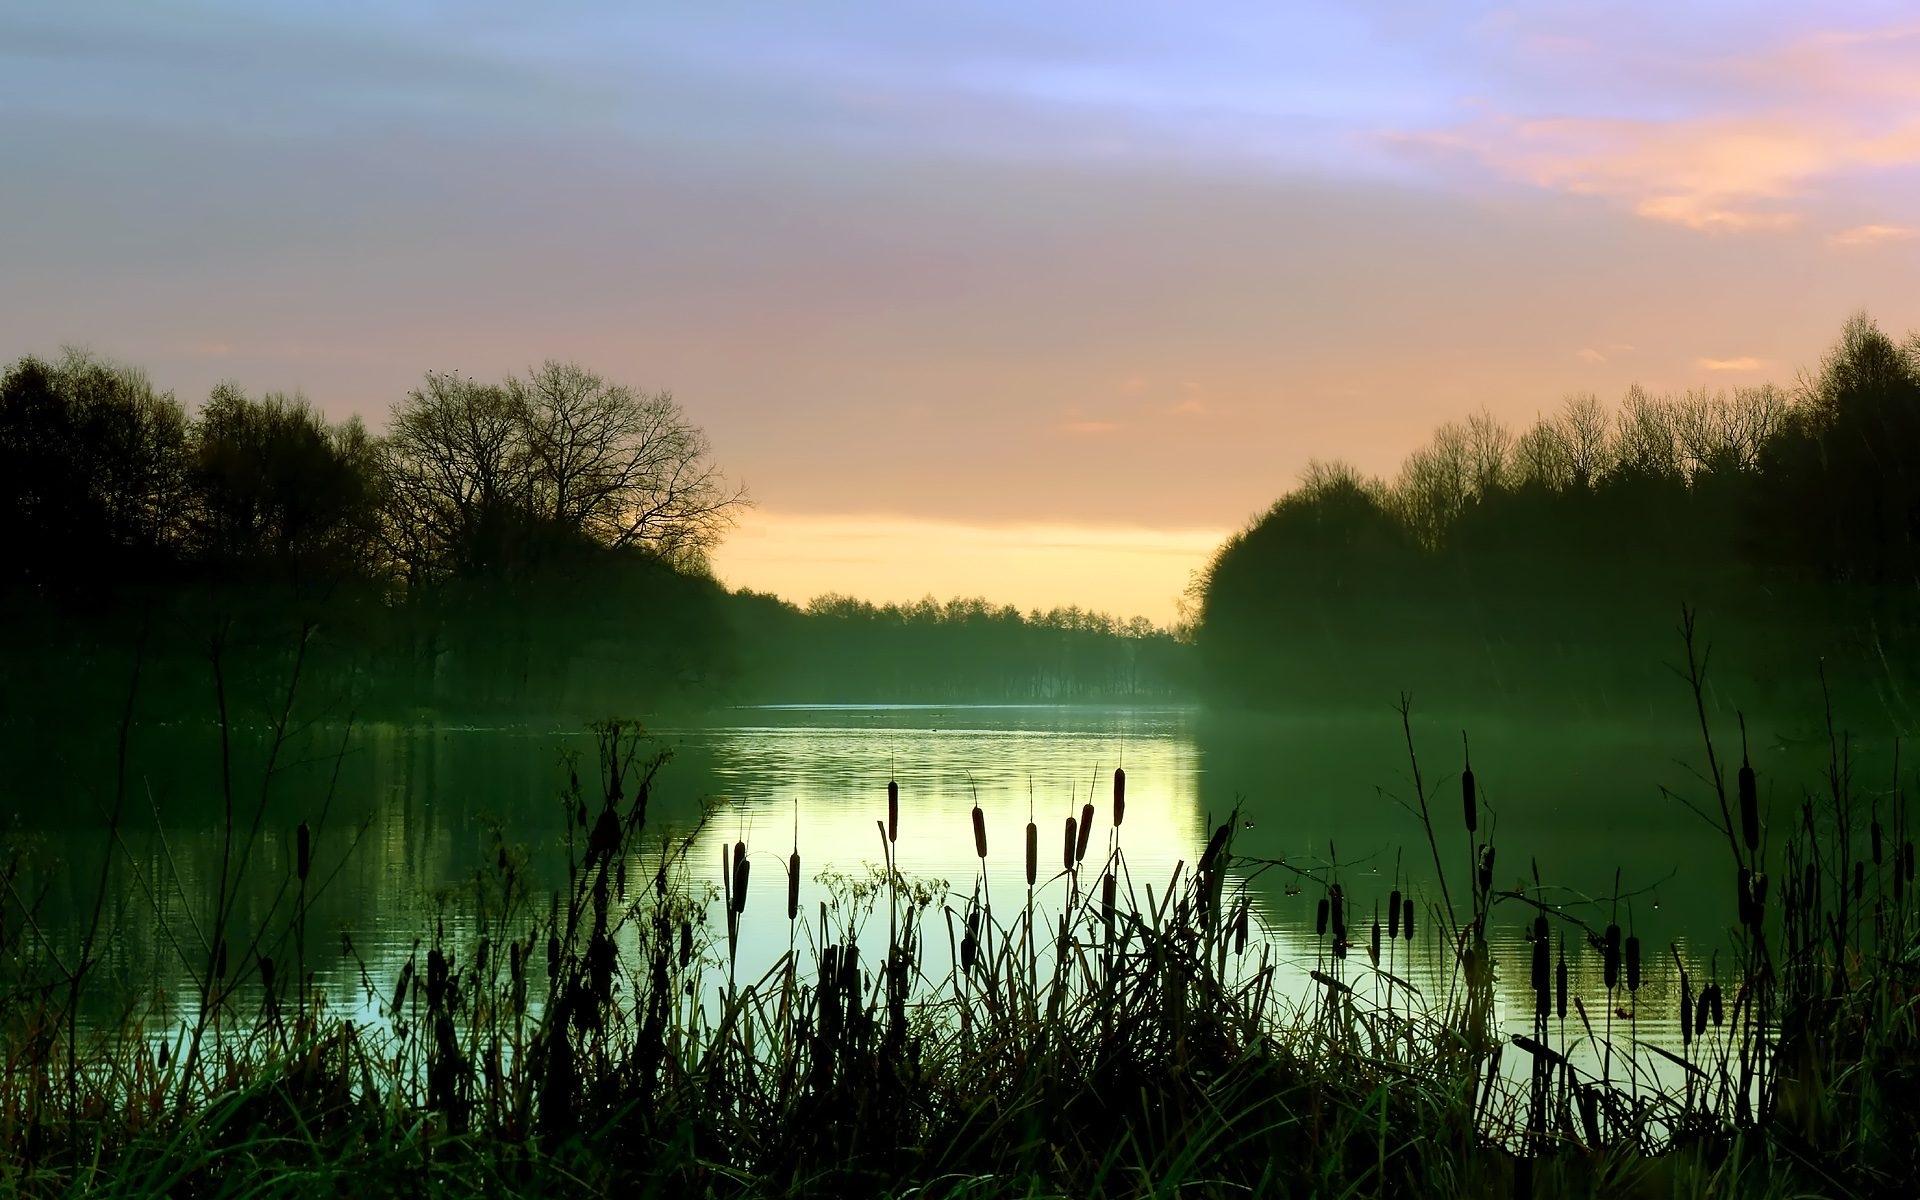 Скачать картинку Пейзаж, Река, Закат в телефон бесплатно.